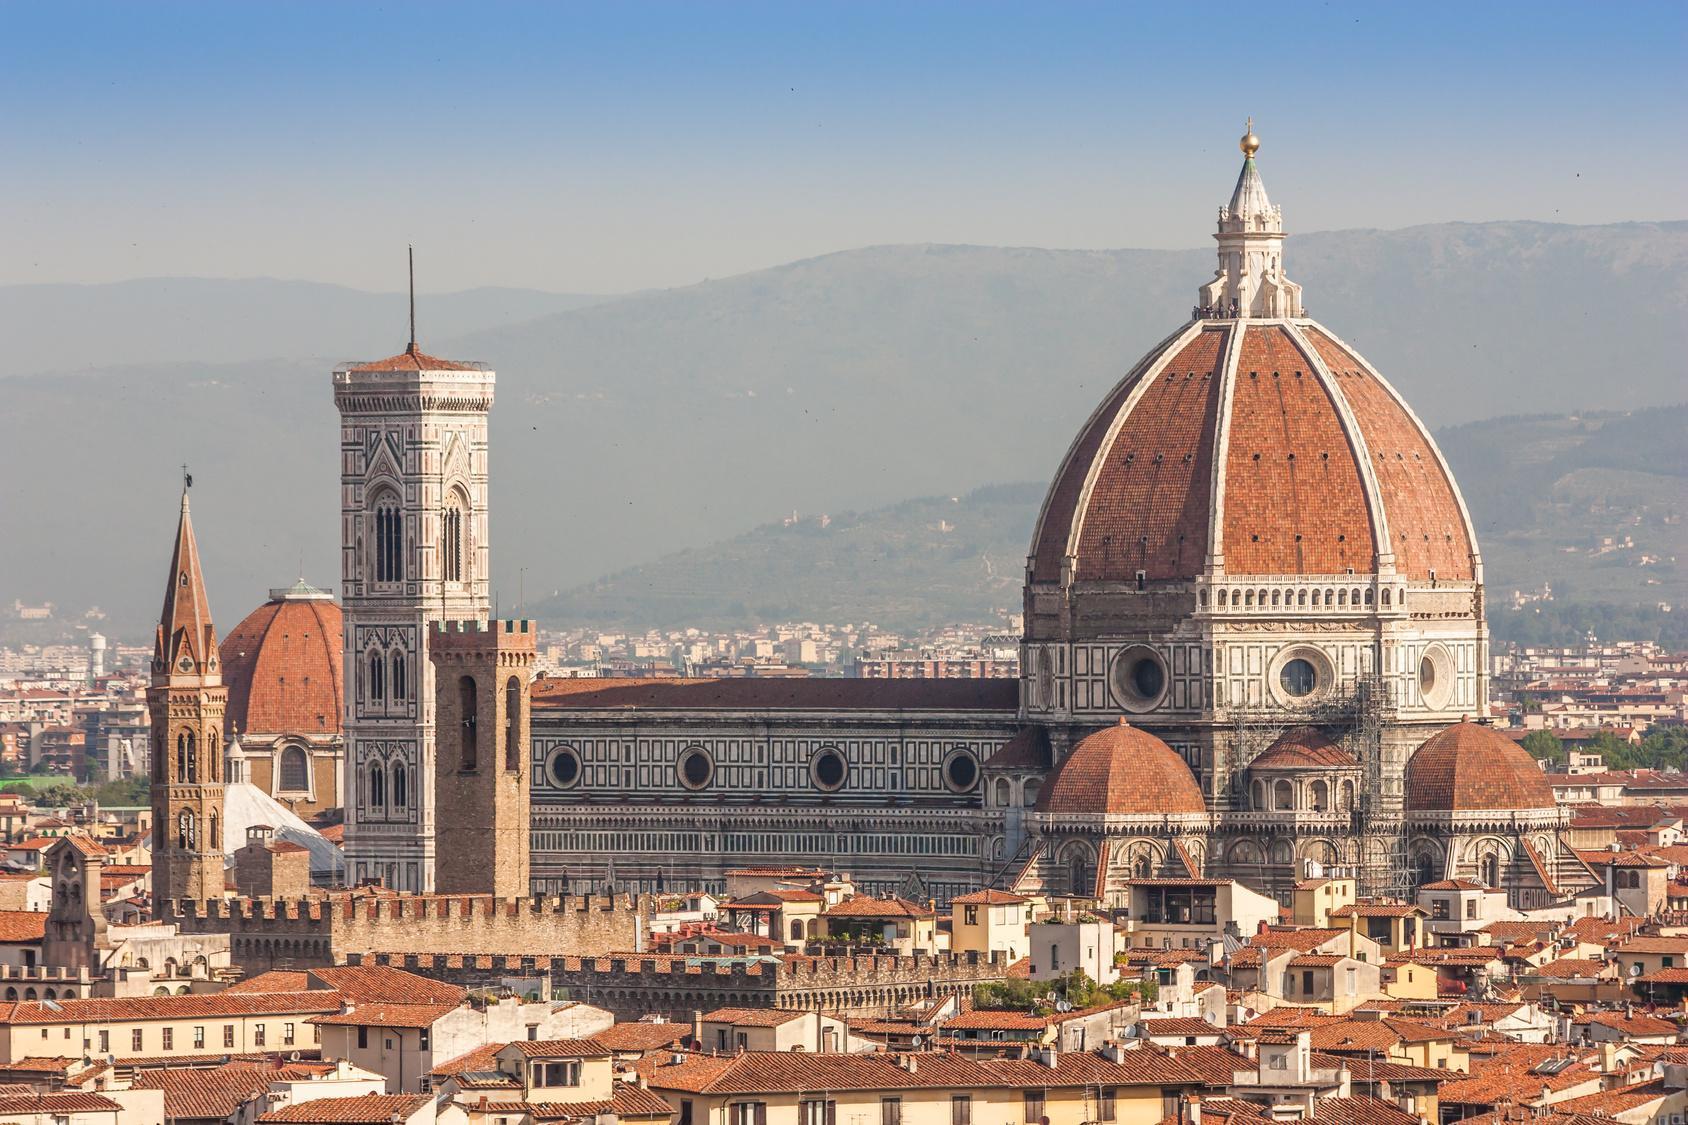 Previsioni meteo Firenze: attesi temporali in serata